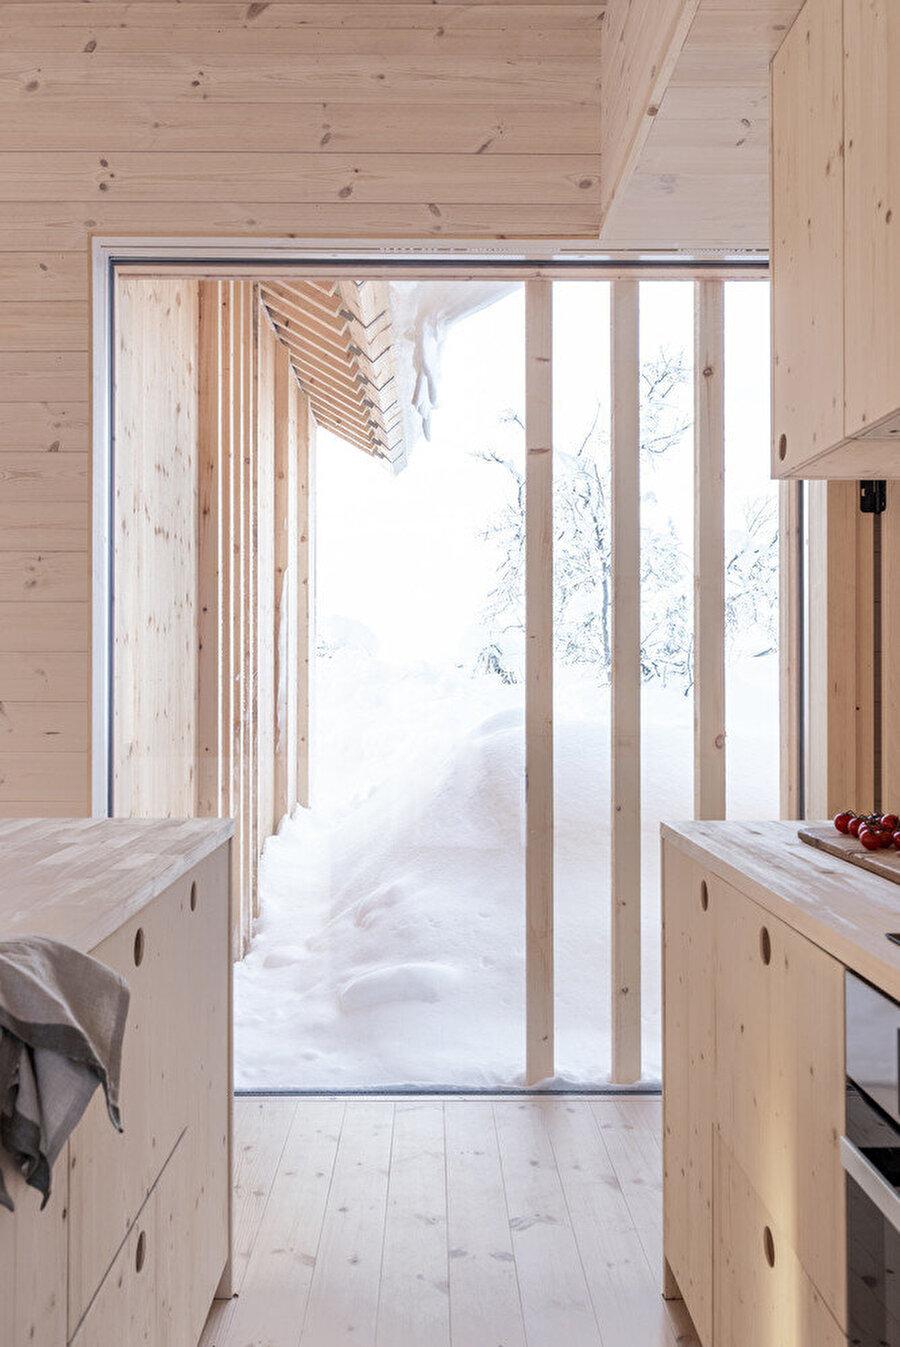 Mutfak bölümünden dış mekana açılan kapı.